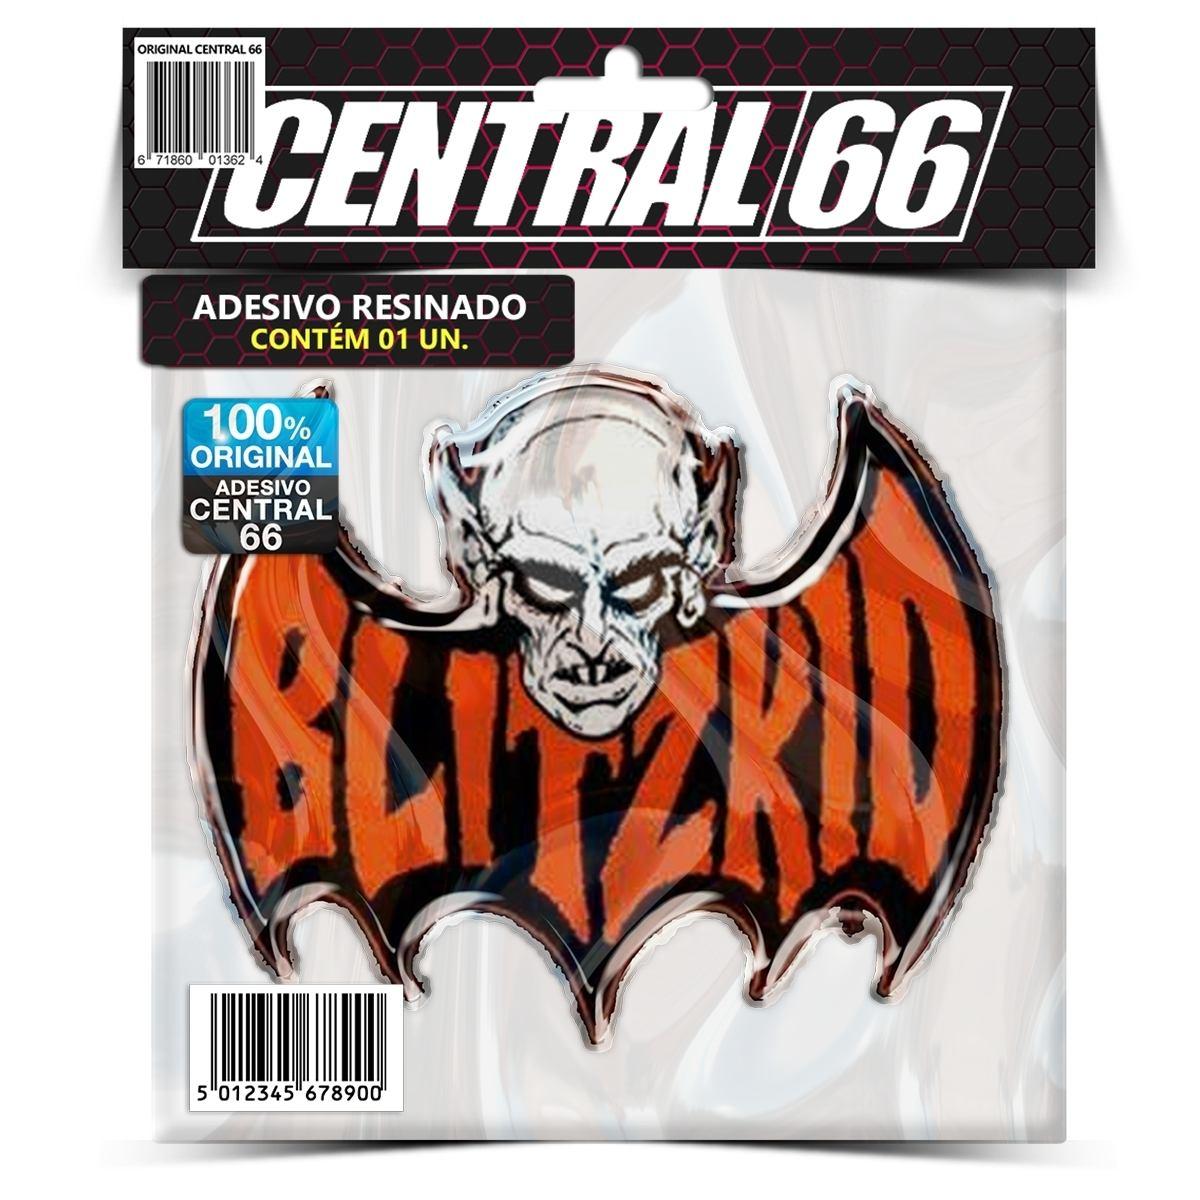 Adesivo Blitzkid logo – Central 66